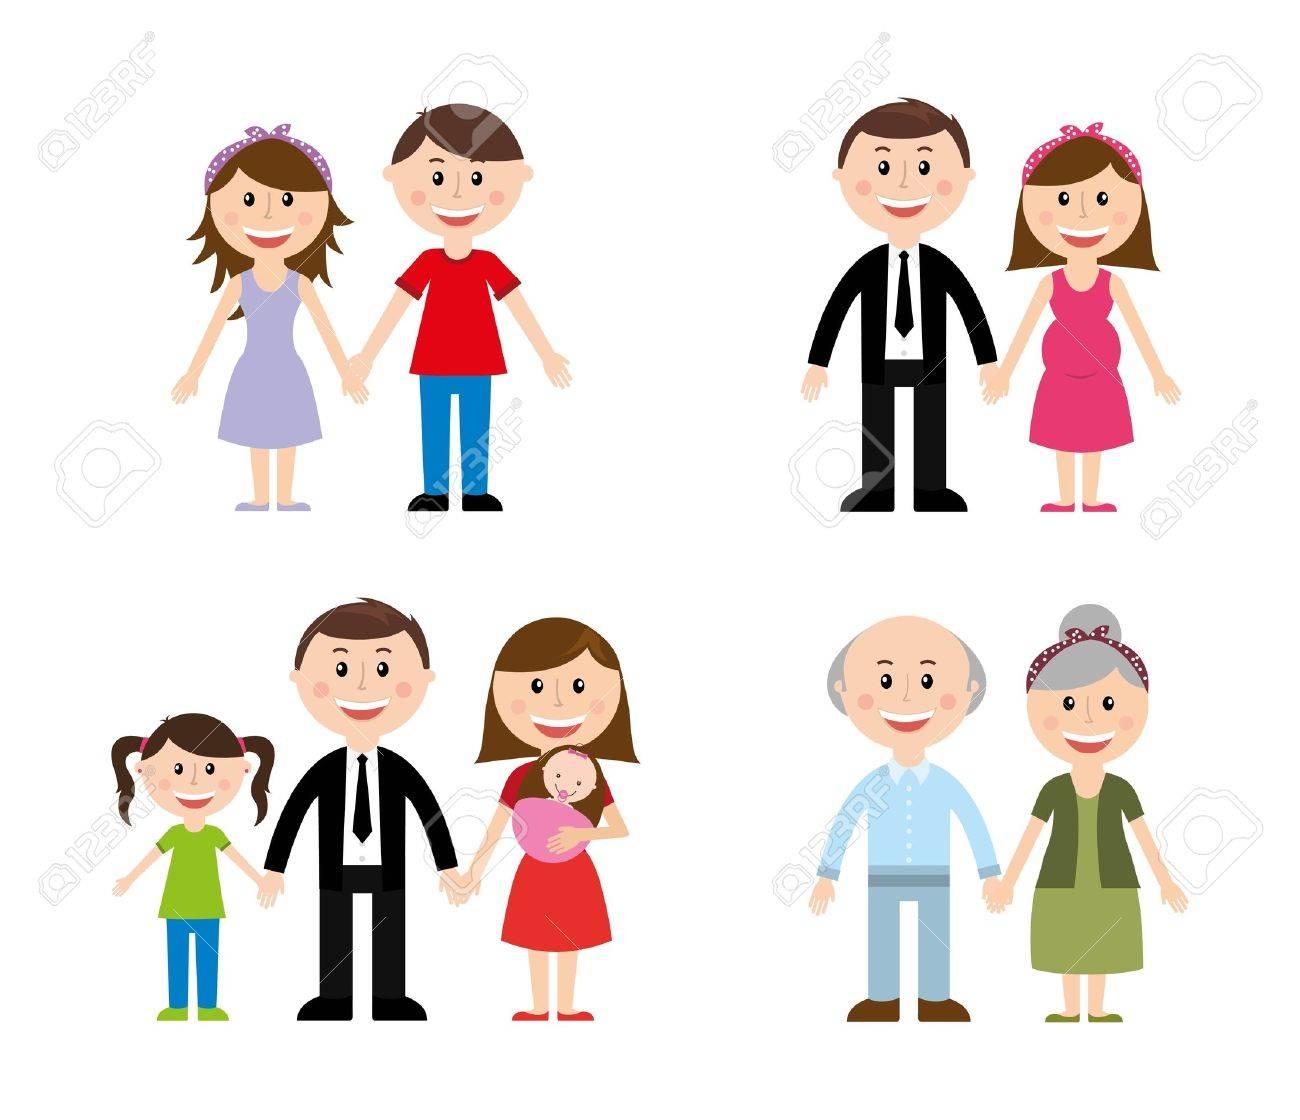 family design over white background vector illustration - 23234586